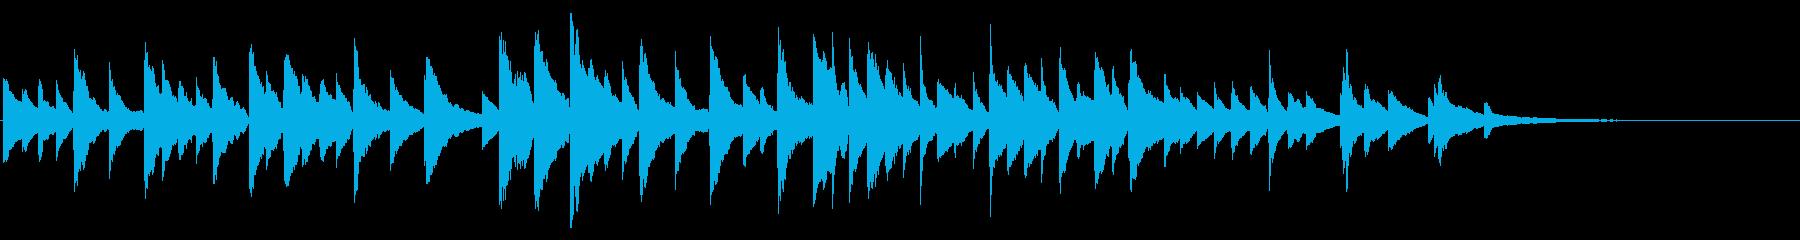 静かな時をイメージしたピアノソロ曲。の再生済みの波形